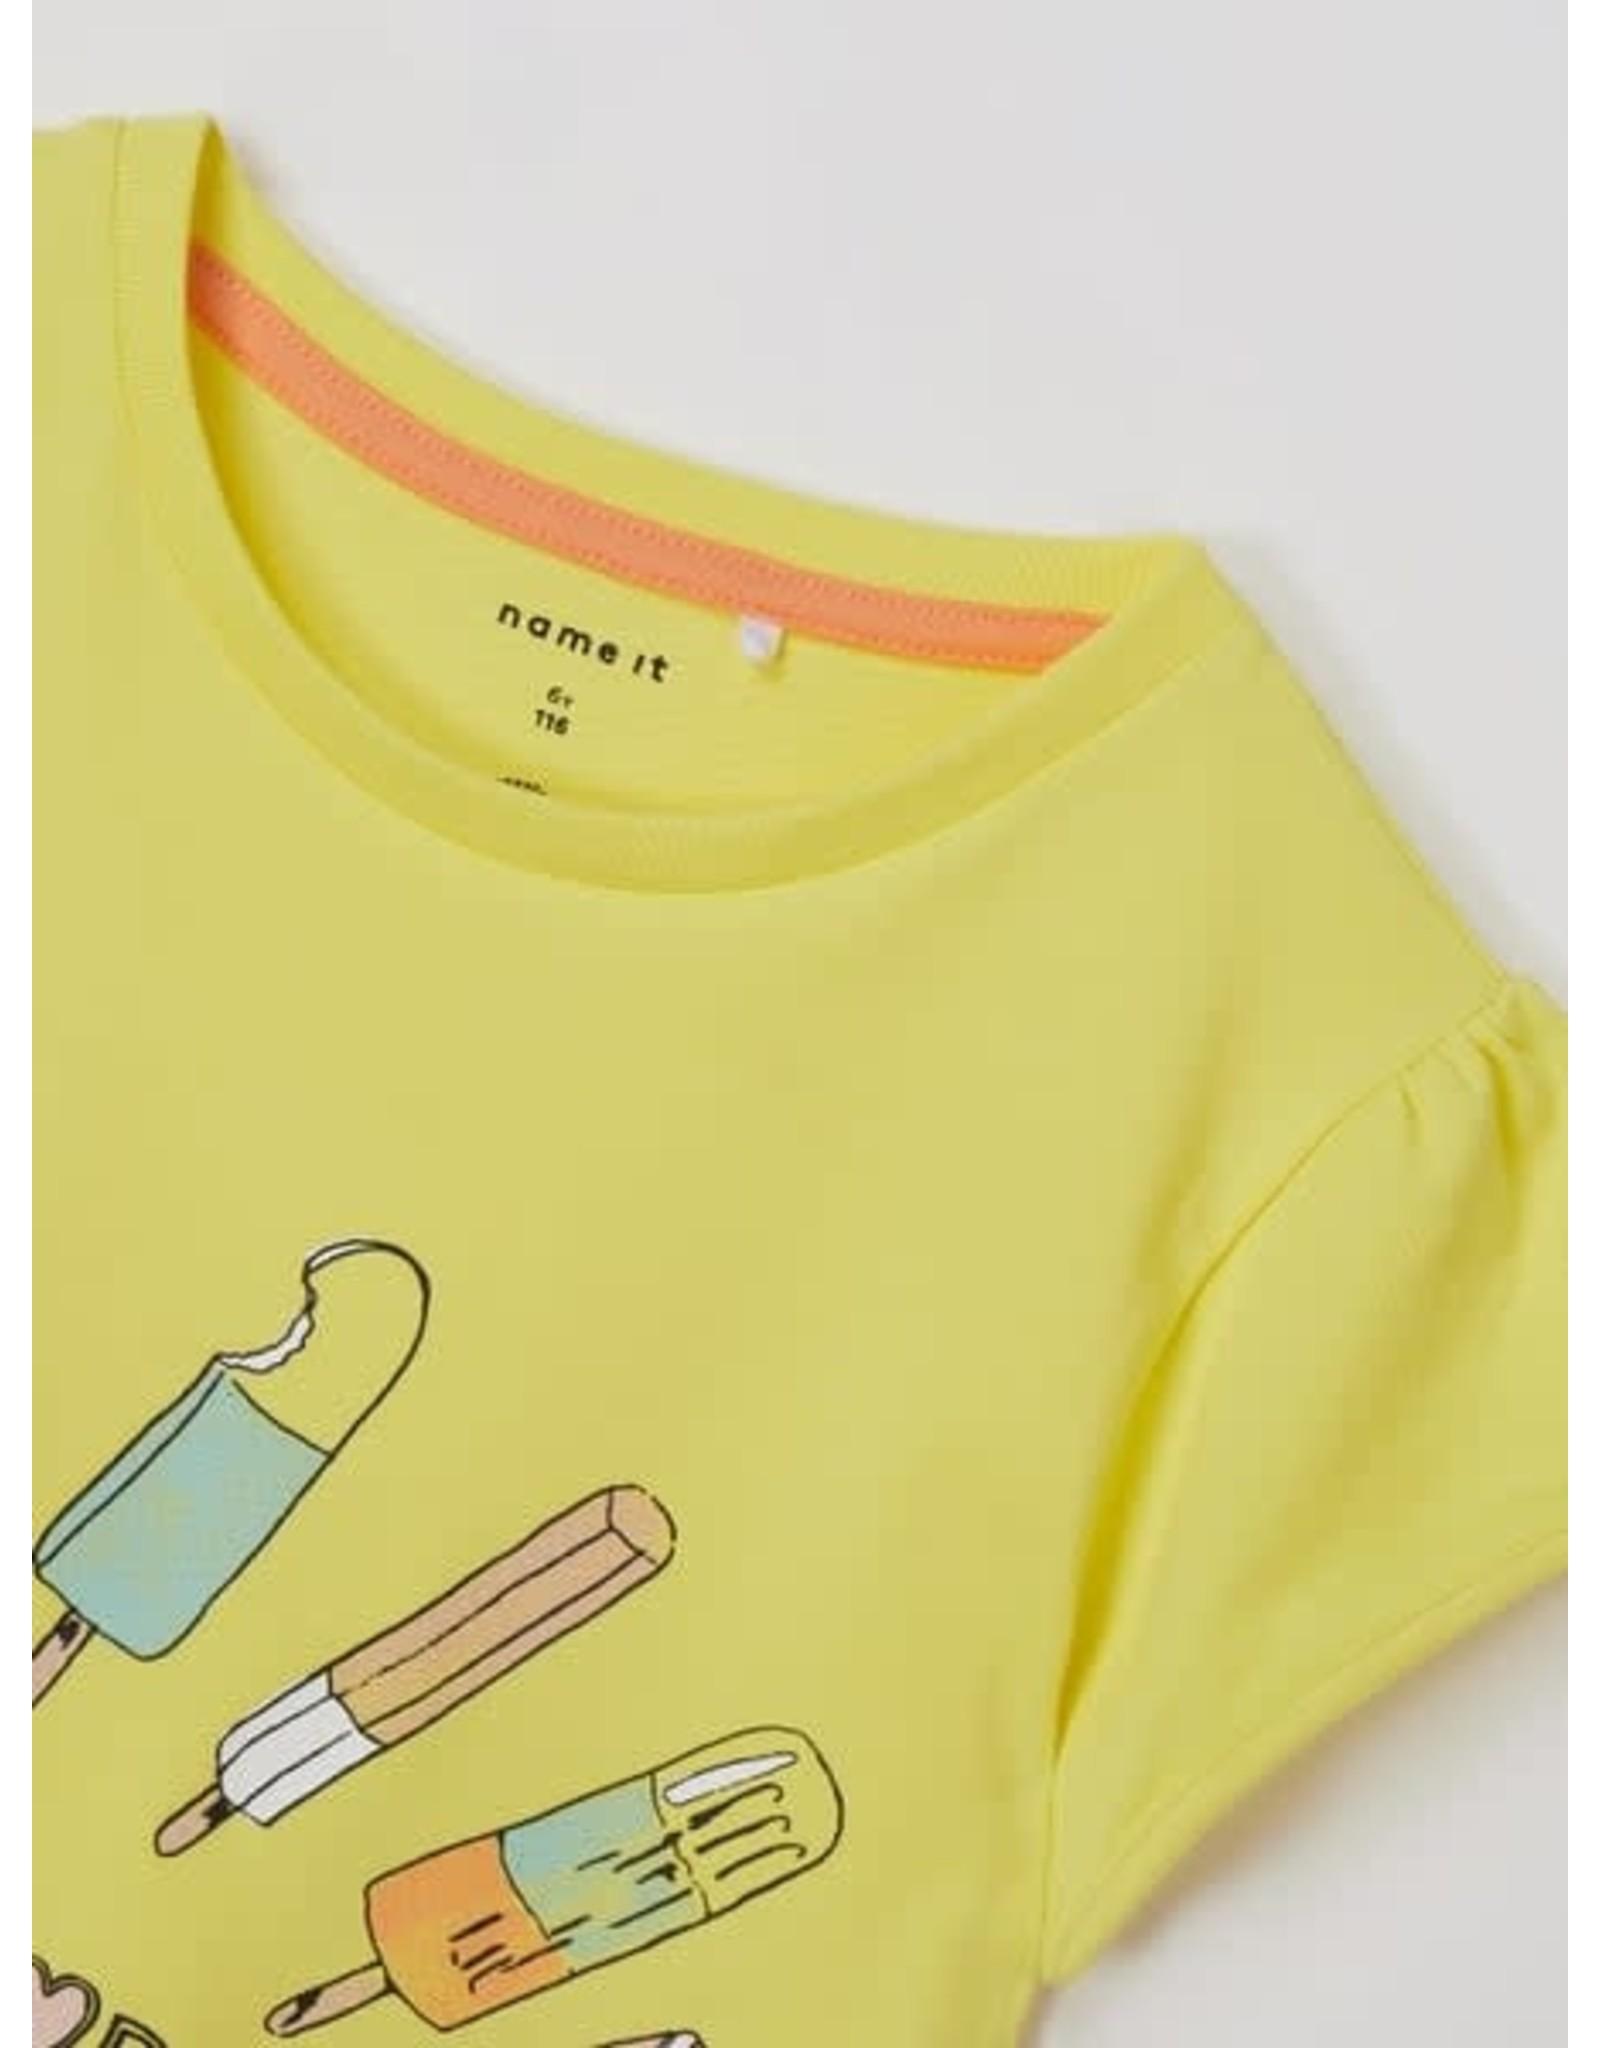 Name It Vrolijke gele t-shirt met een ijsje voor elke dag